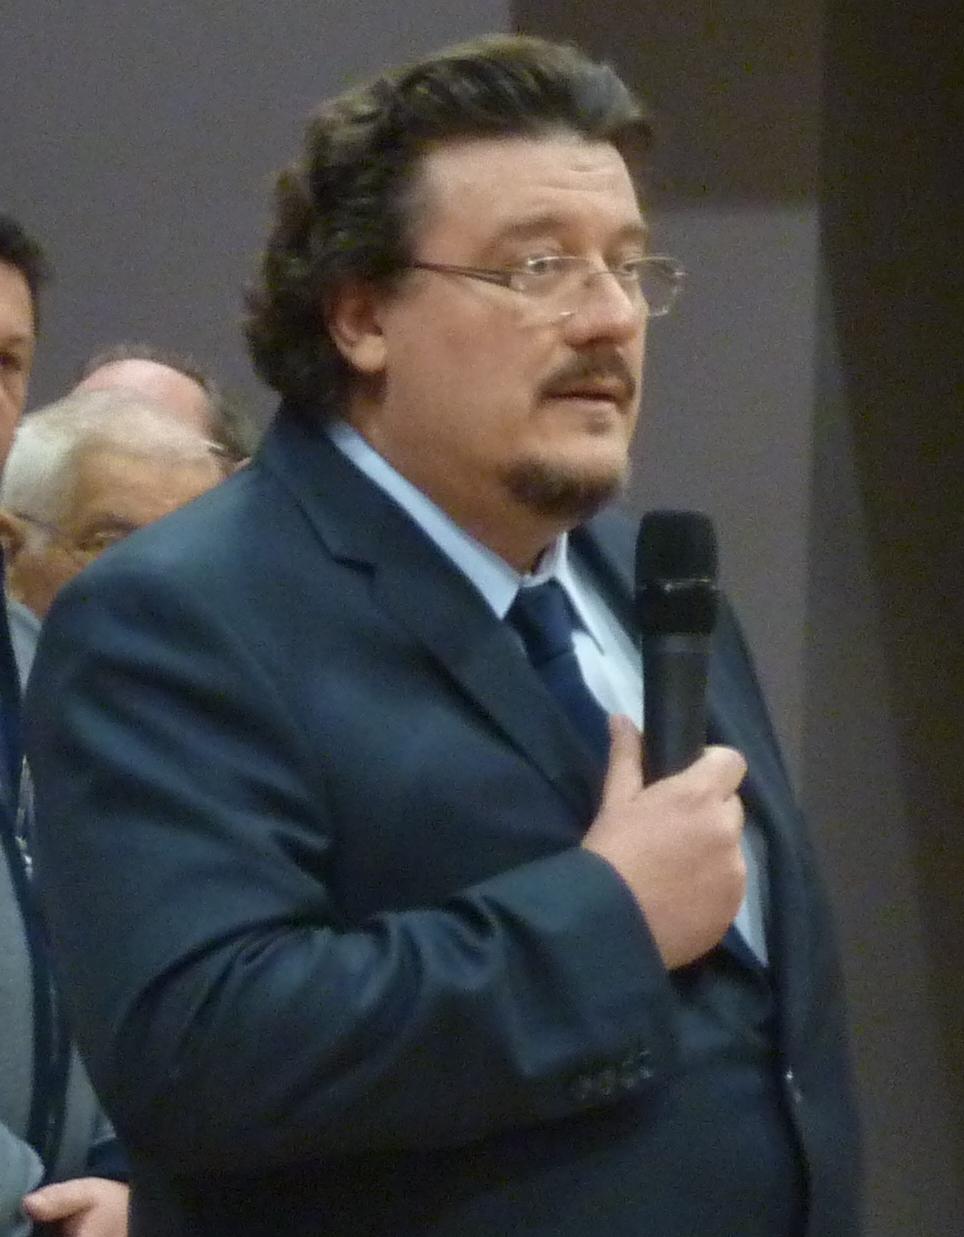 Bonjour monsieur le maire de Nexon, Fabrice Gerville Réache